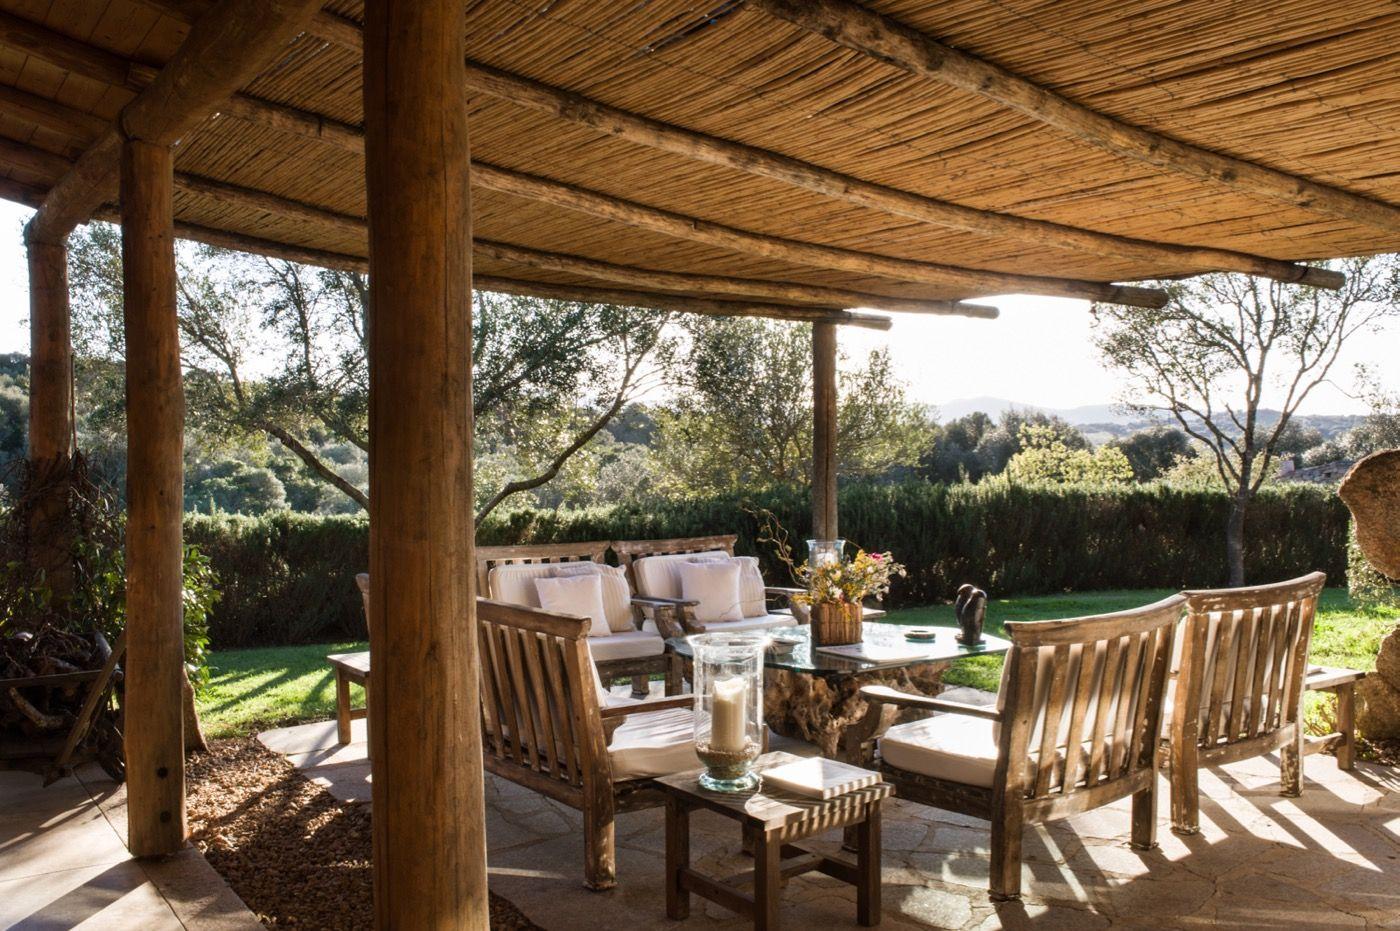 Alfresco with views at Podere La Magnifica, Sardinia